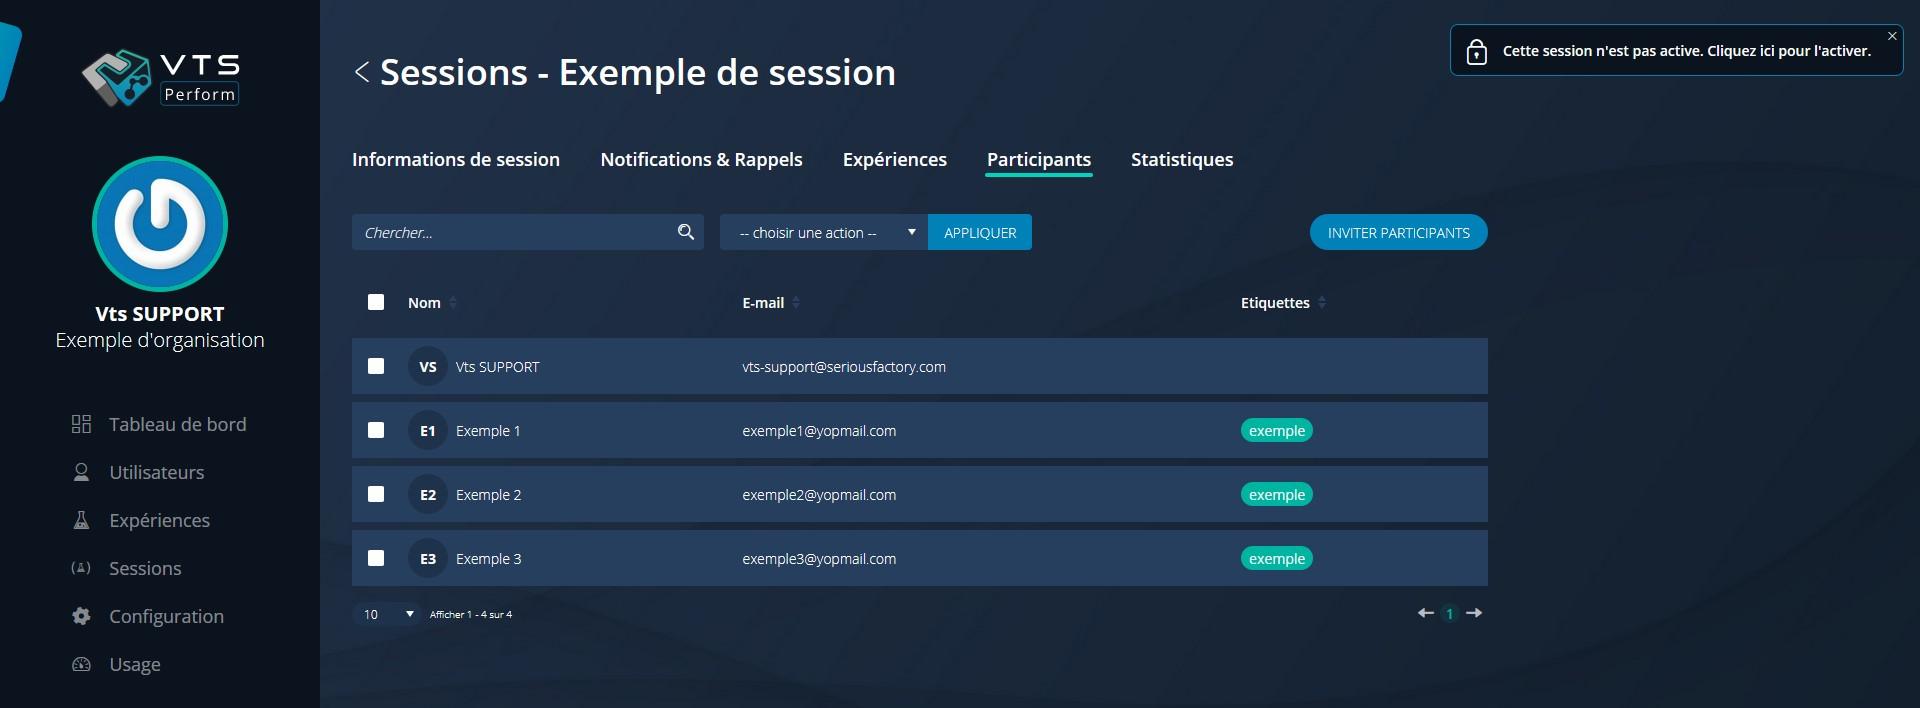 perform_sessionusers5_fr.jpg (127 KB)